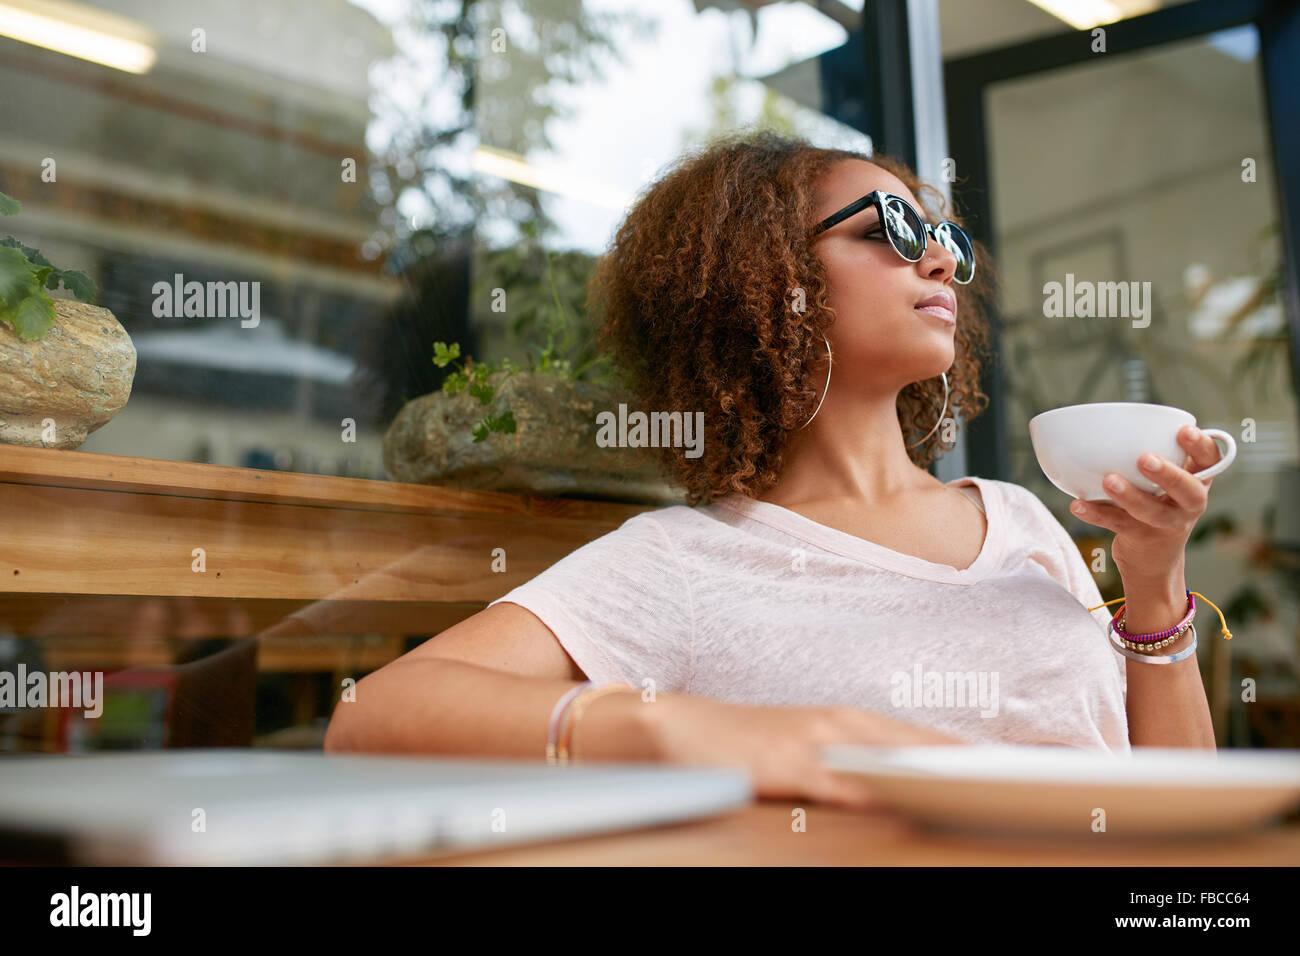 Ritratto di giovane attraente ragazza africana avente una tazza di caffè presso il cafe. Elegante ragazza di bereFoto Stock